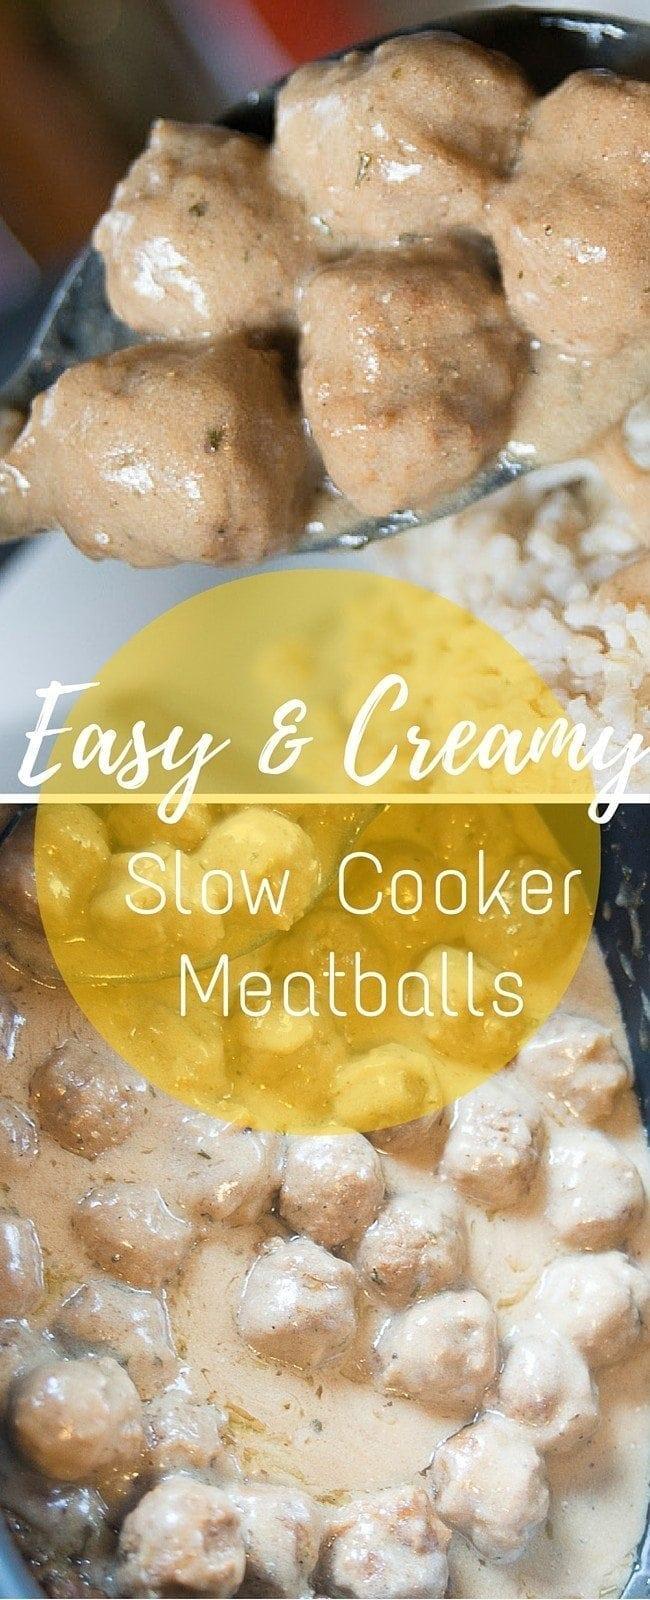 Easy & Creamy